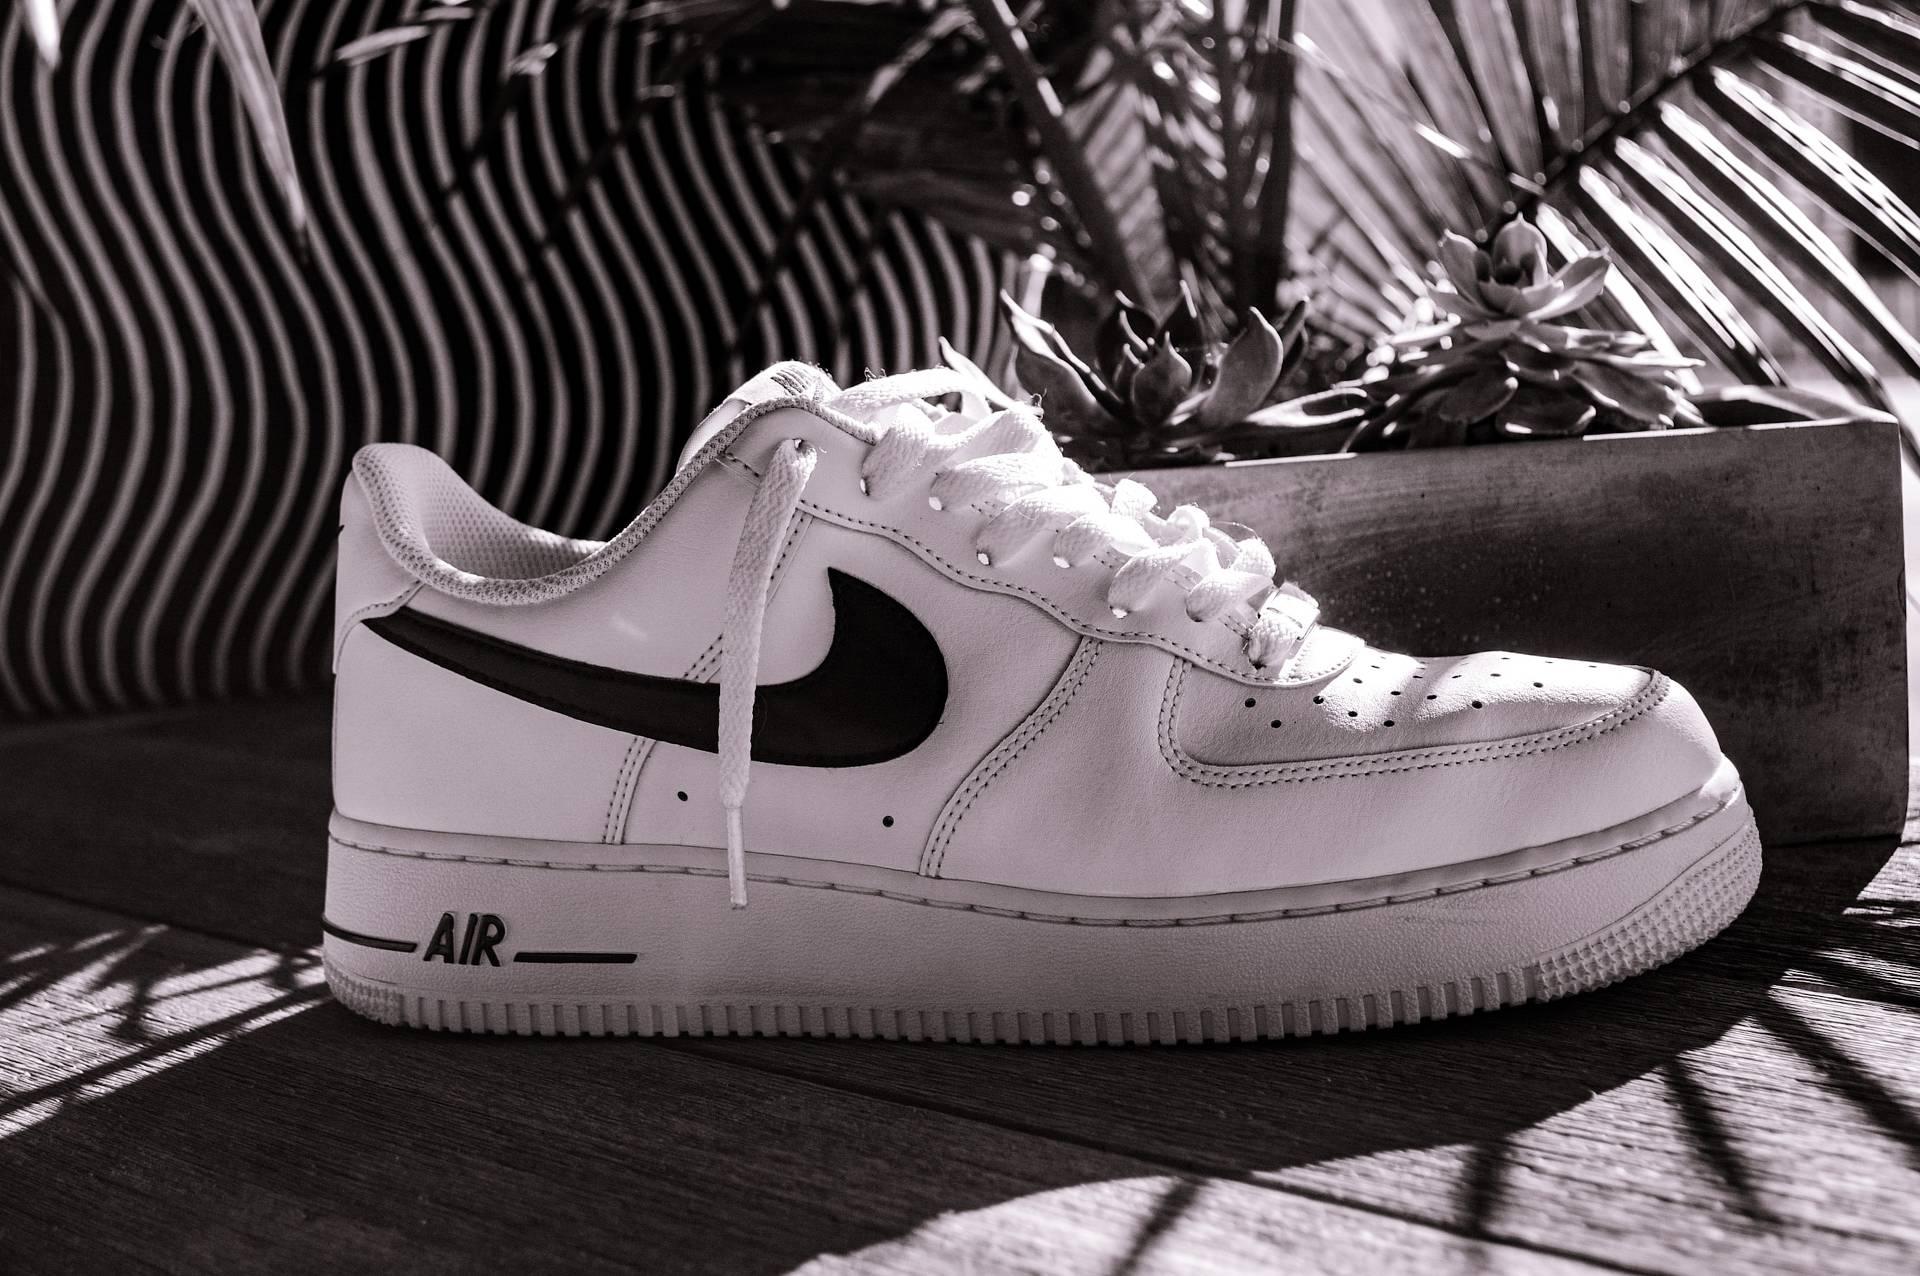 Der Komfort steht bei den Schuhen oft an erster Stelle